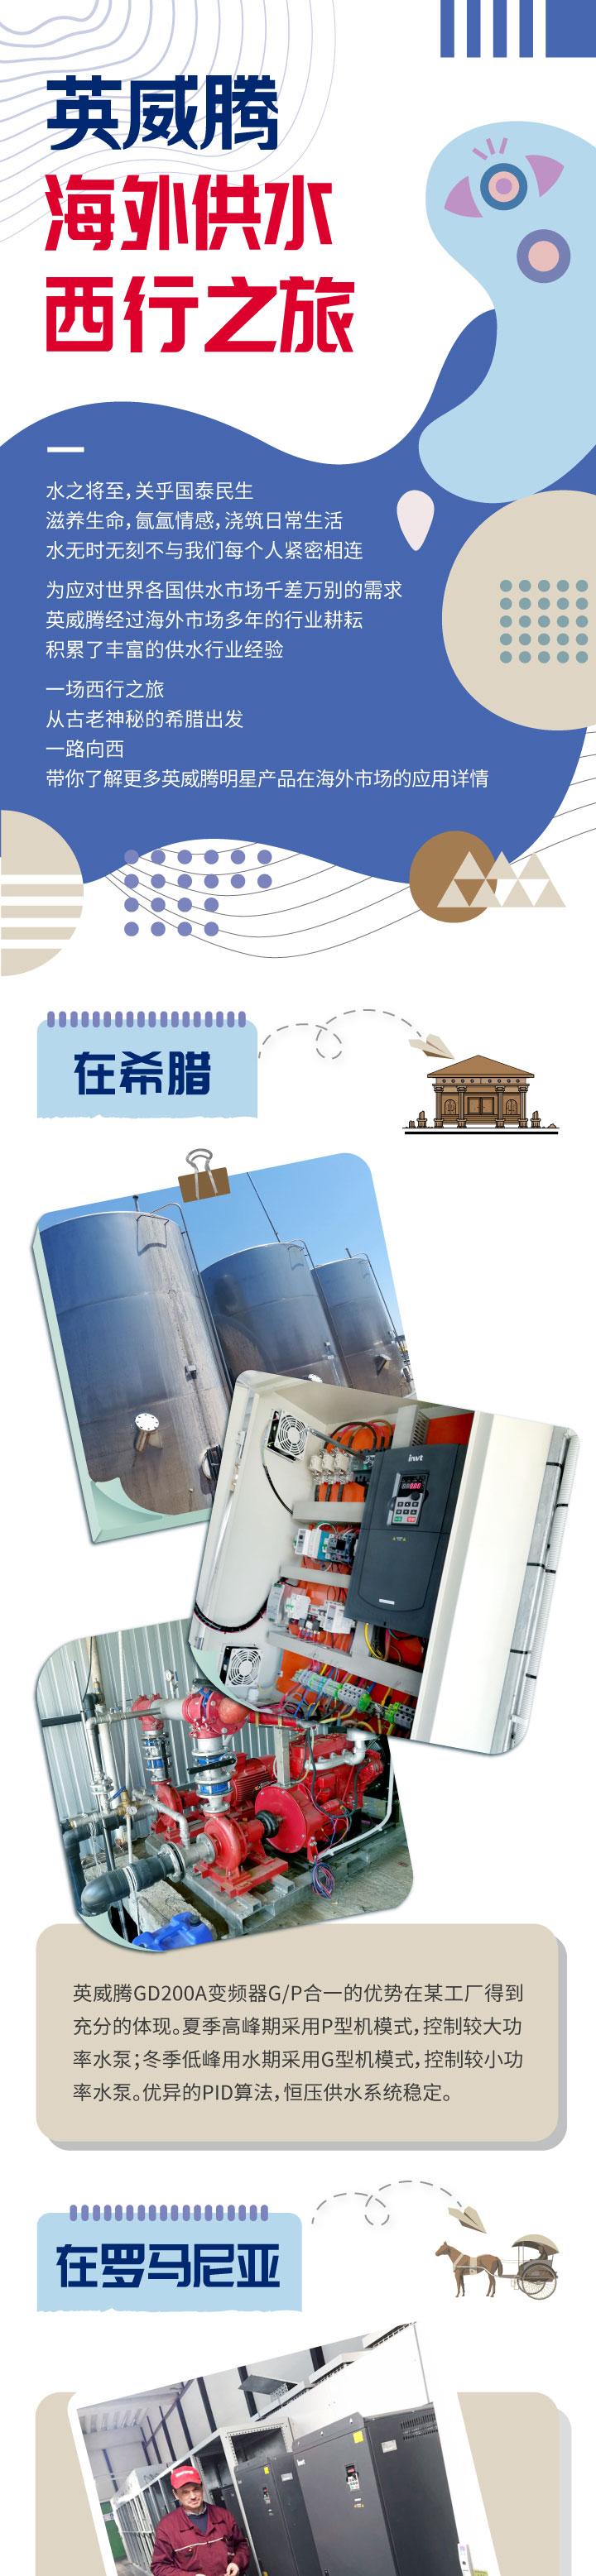 英威腾产品海外供水案例_01